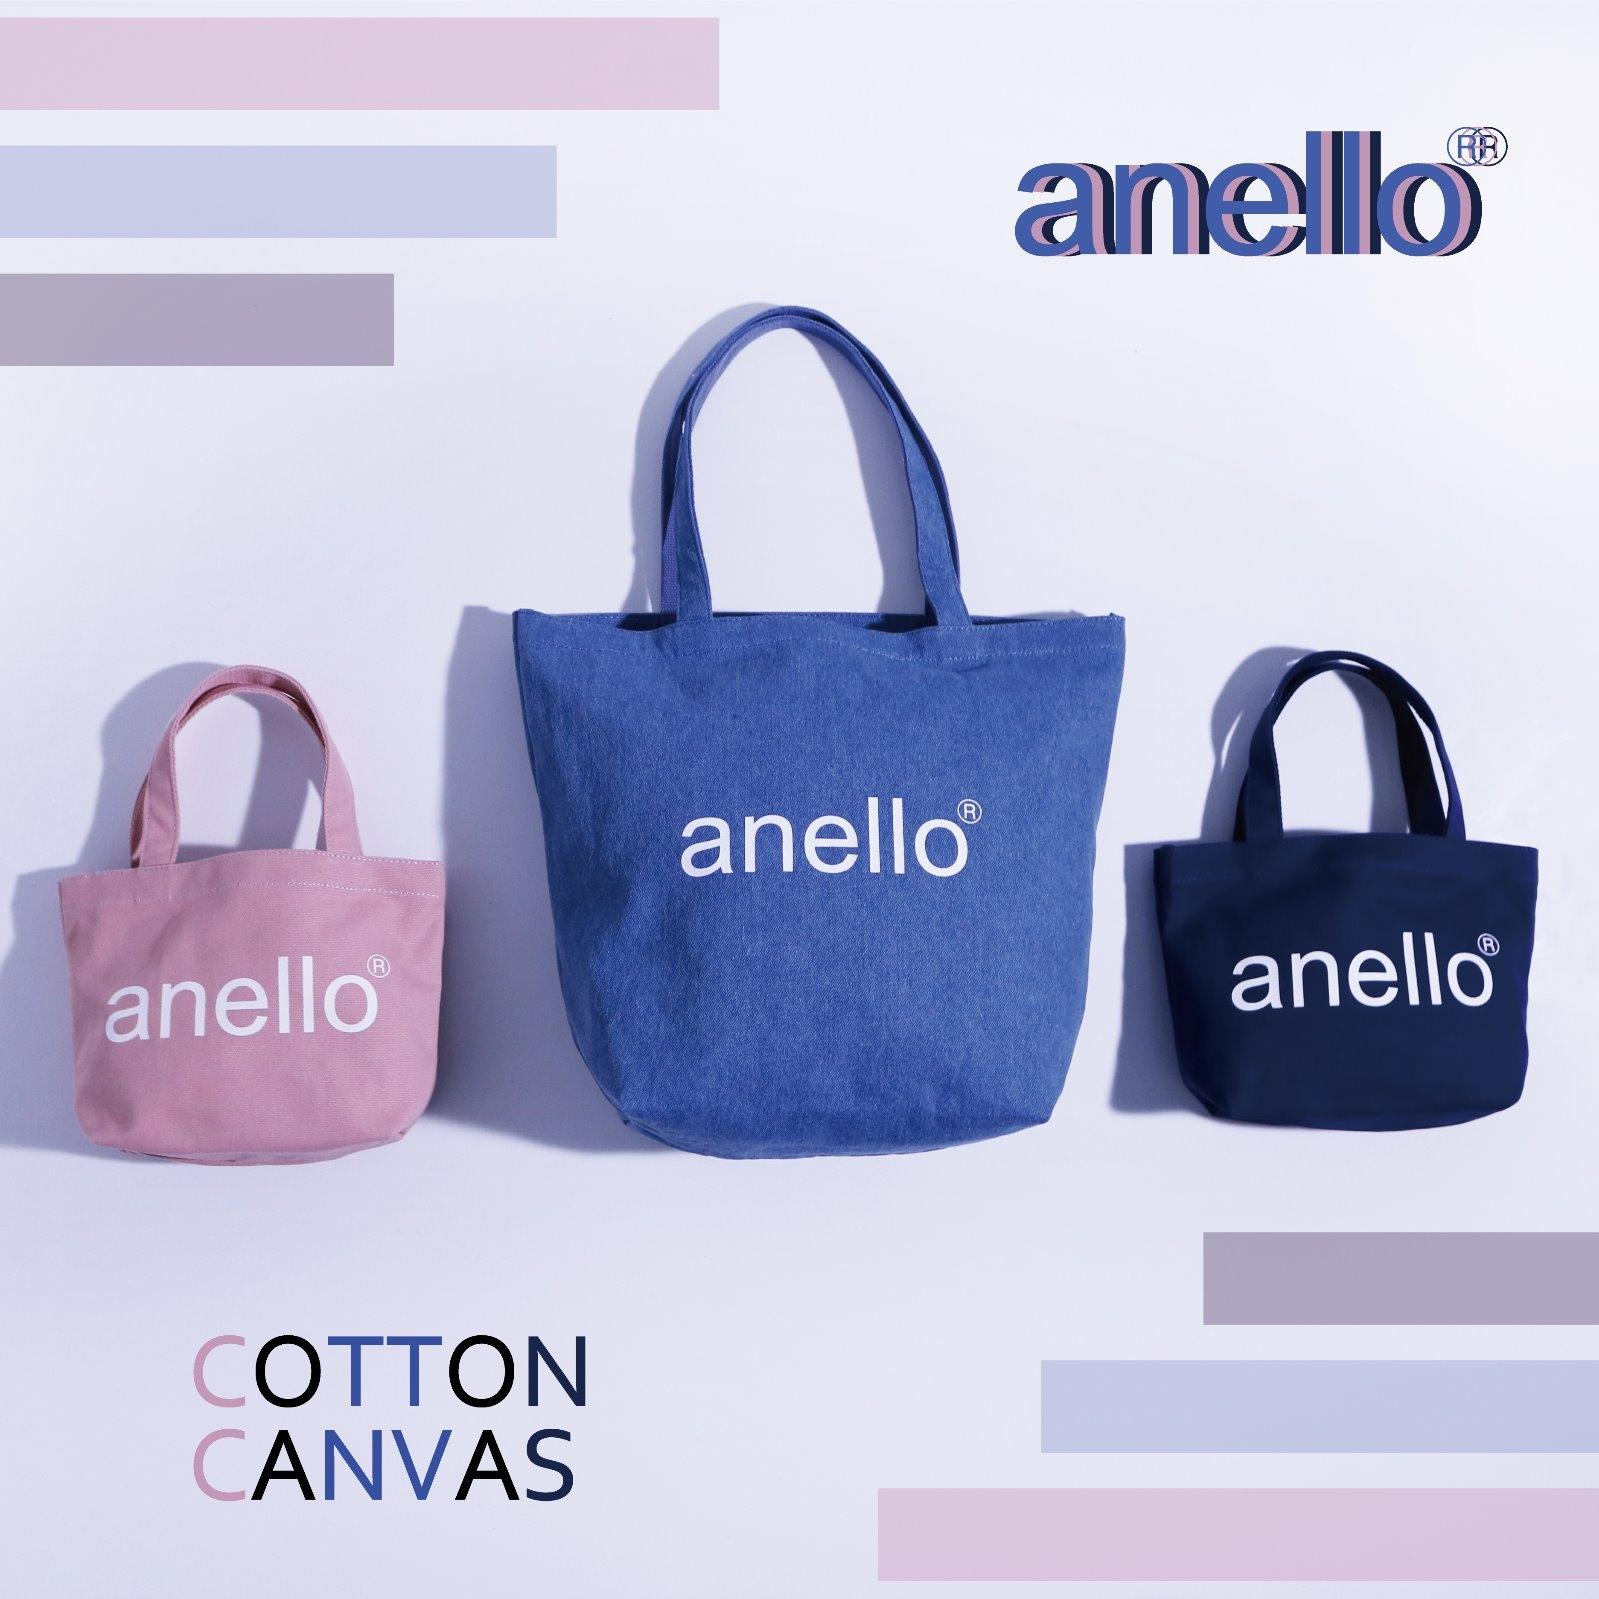 【anello®グローバル旗艦店限定】ロゴキャンバストートバッグの新色発売!